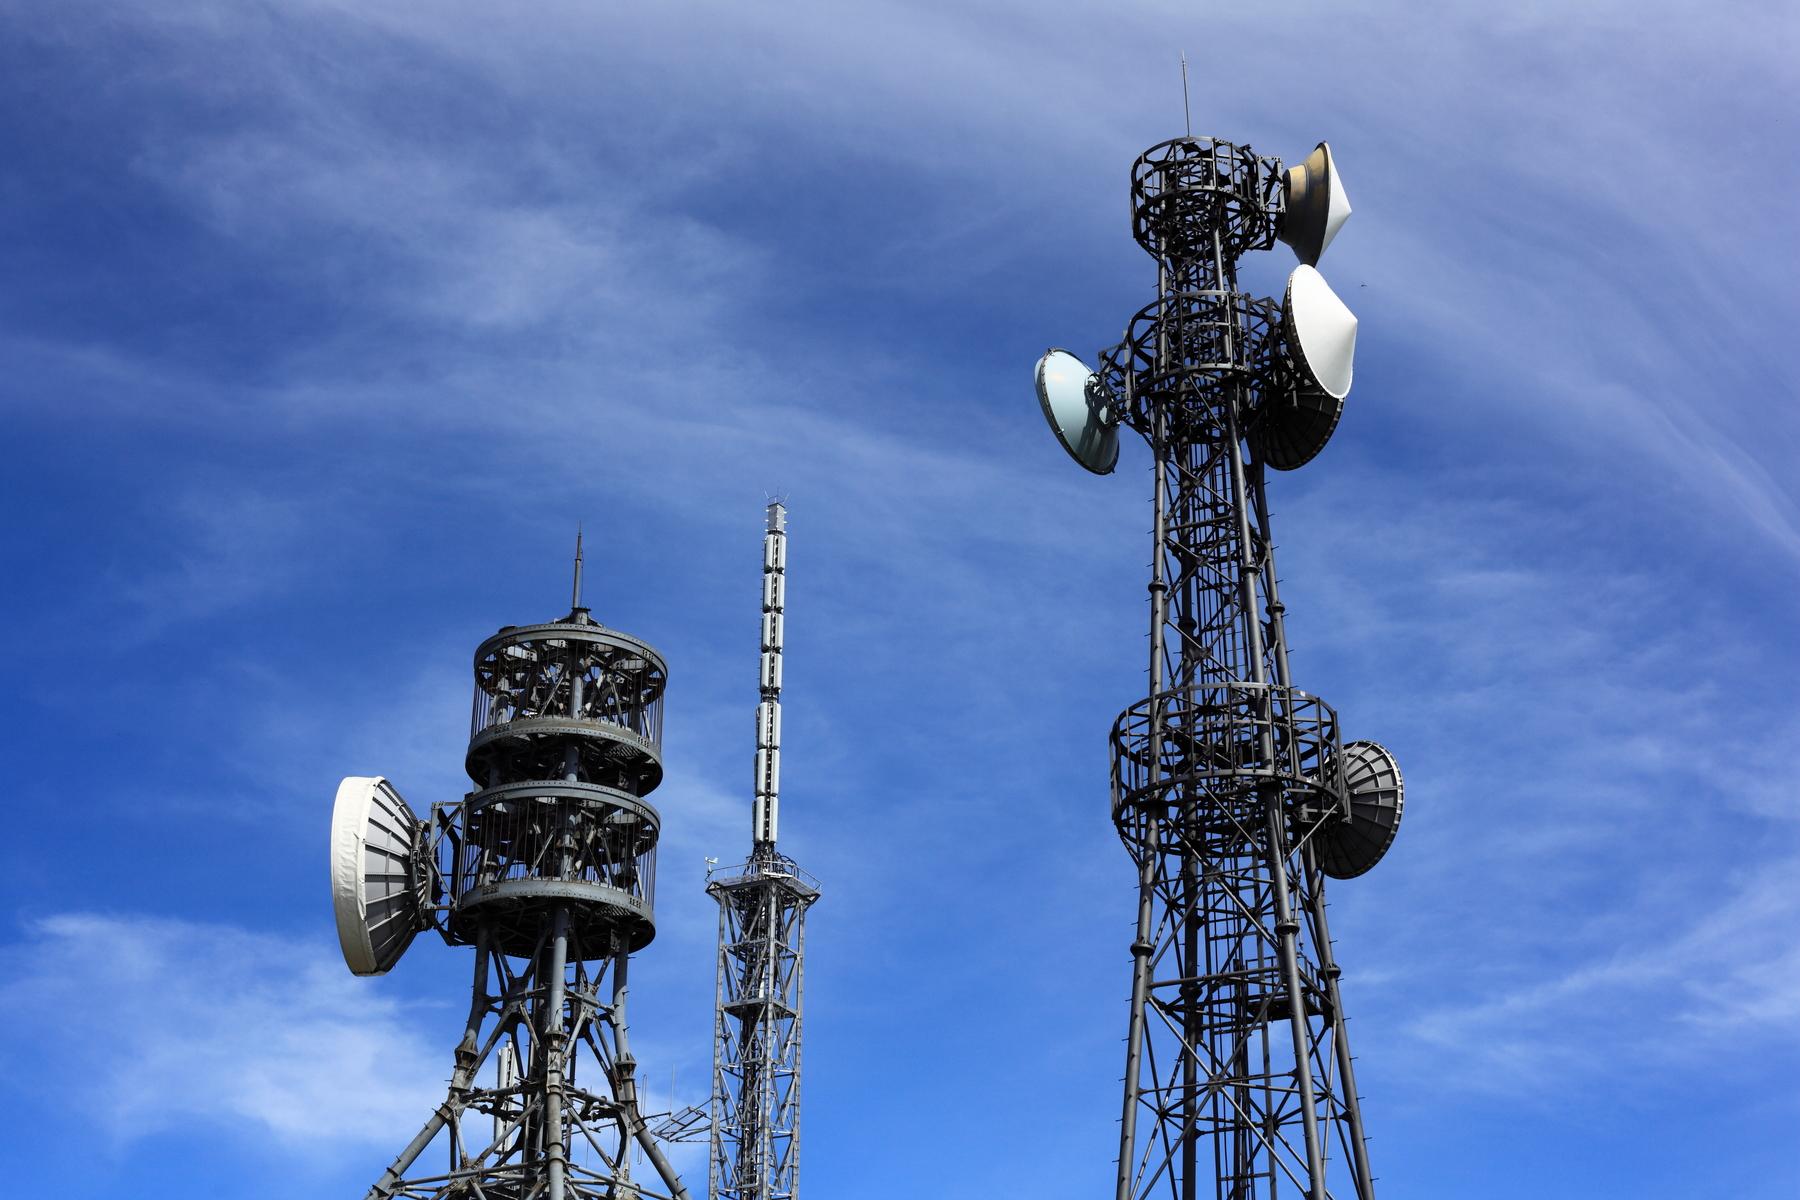 Falla masiva de telecomunicaciones afecta a diversas compañías en Chile